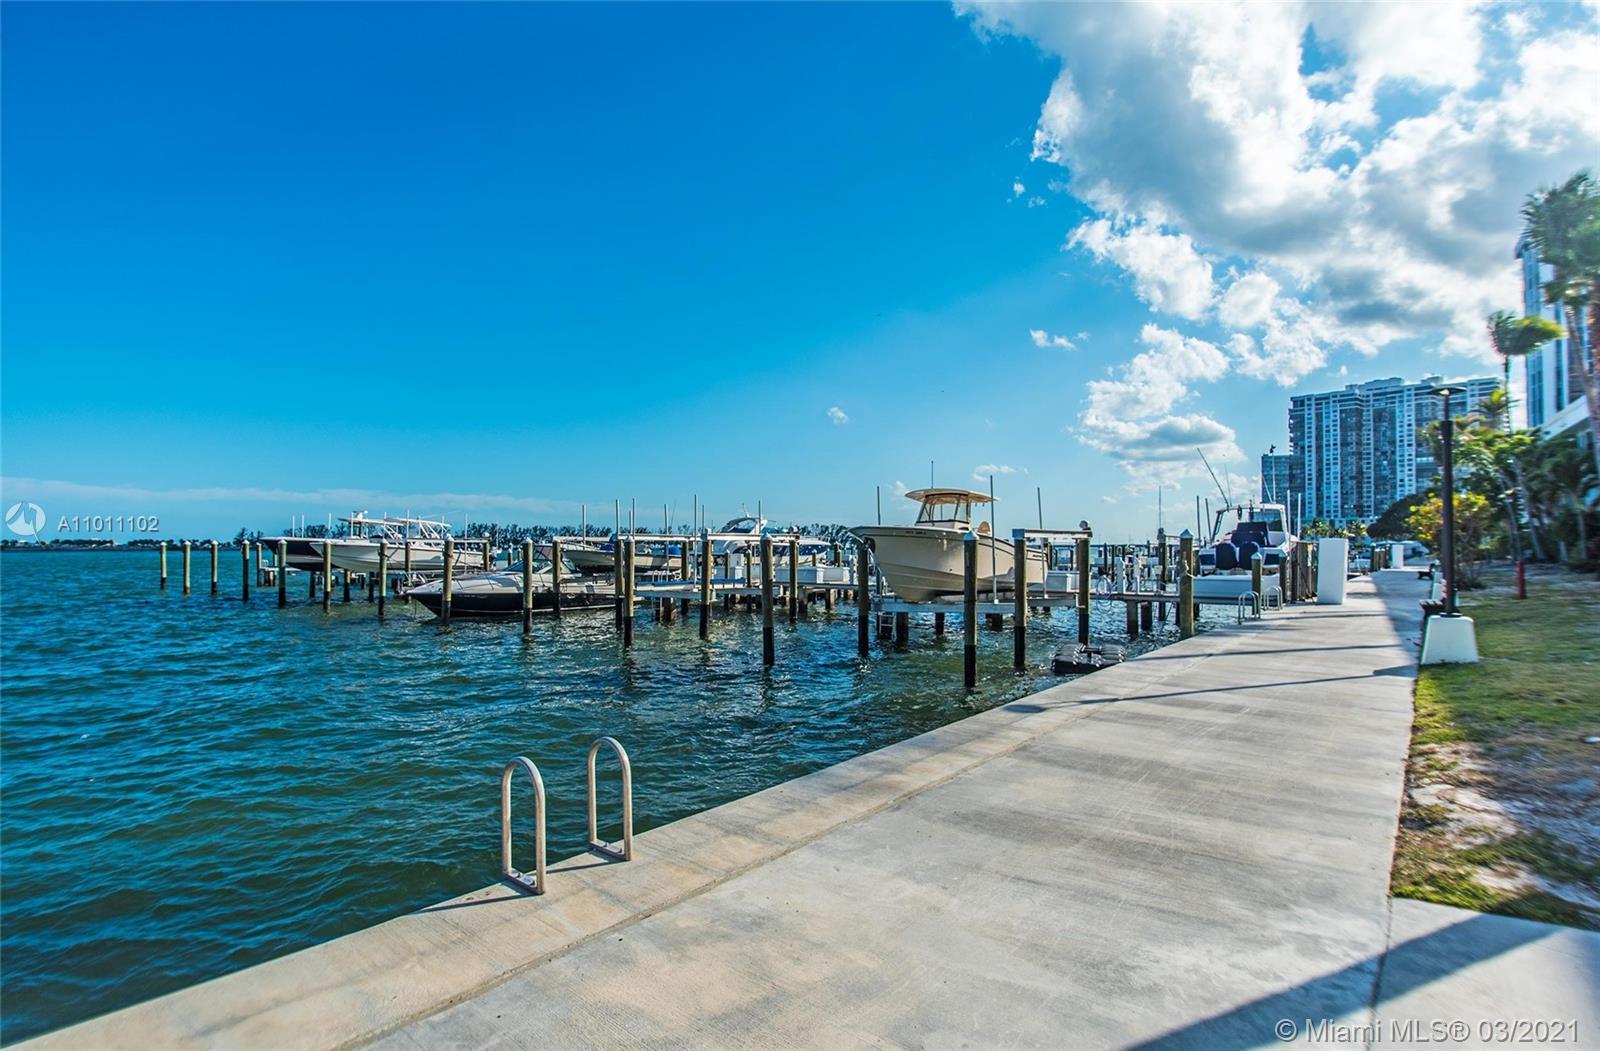 Marina/boardwalk